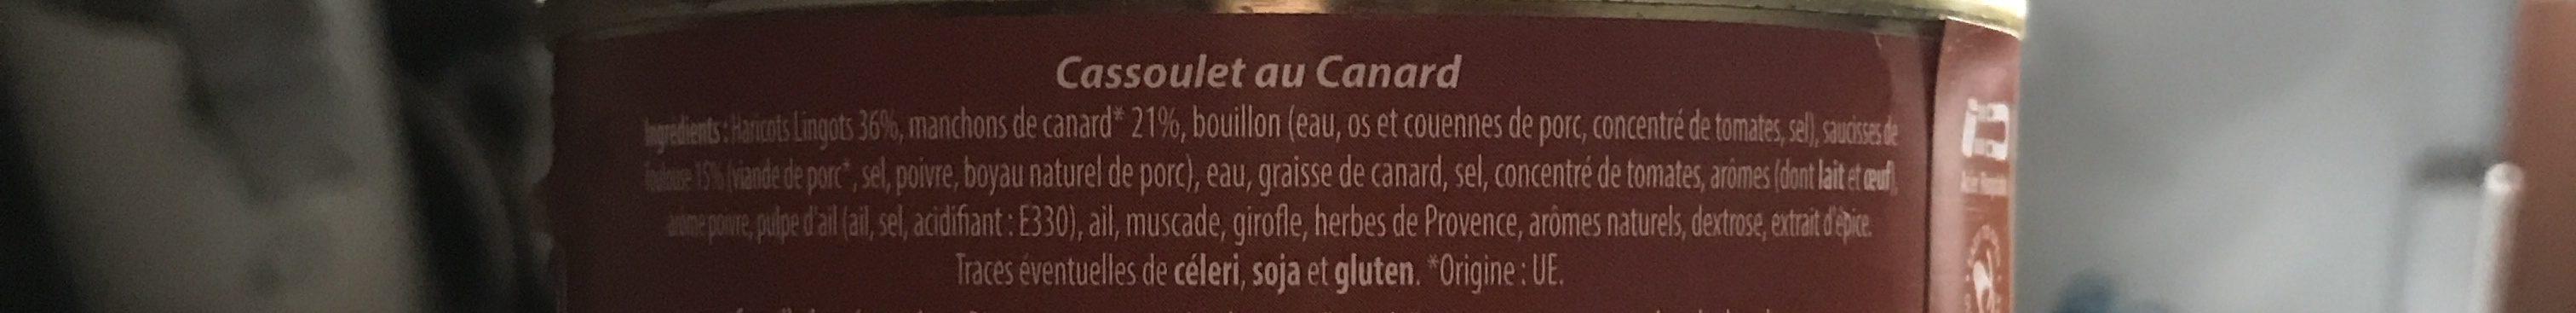 Cassoulet au Canard - Ingrediënten - fr